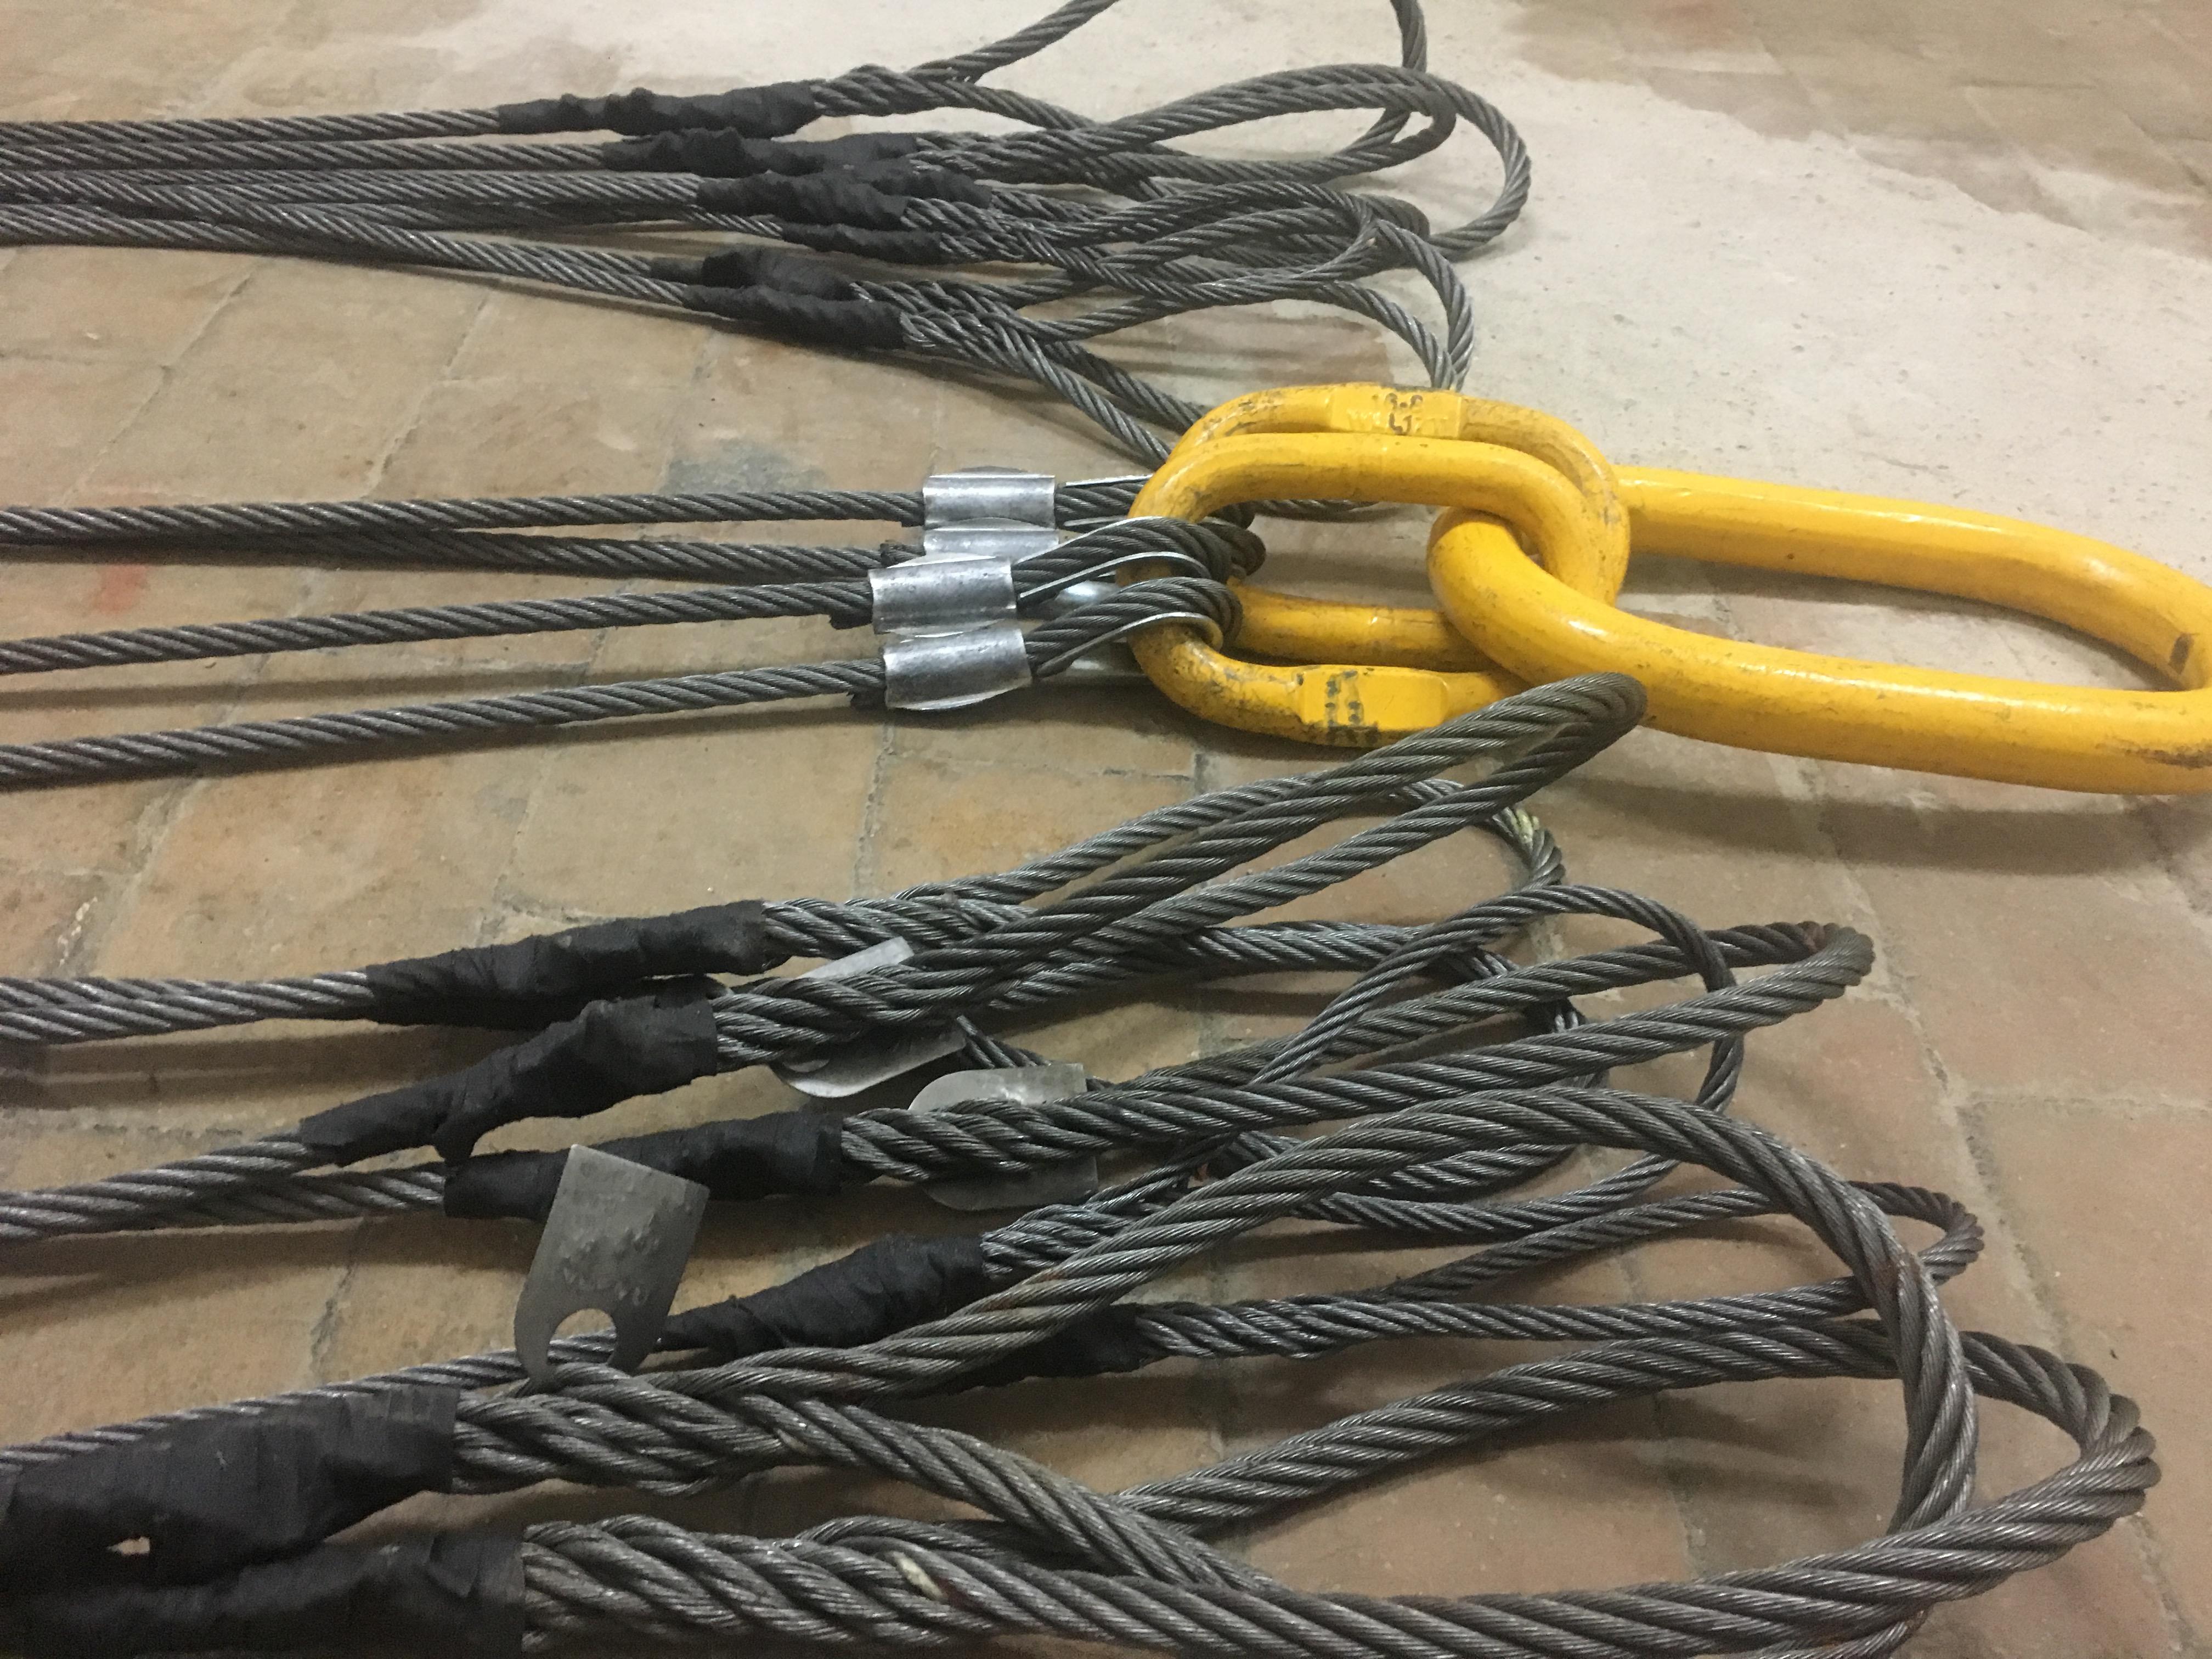 3 каковы правила хранения синтетических канатов и стропов